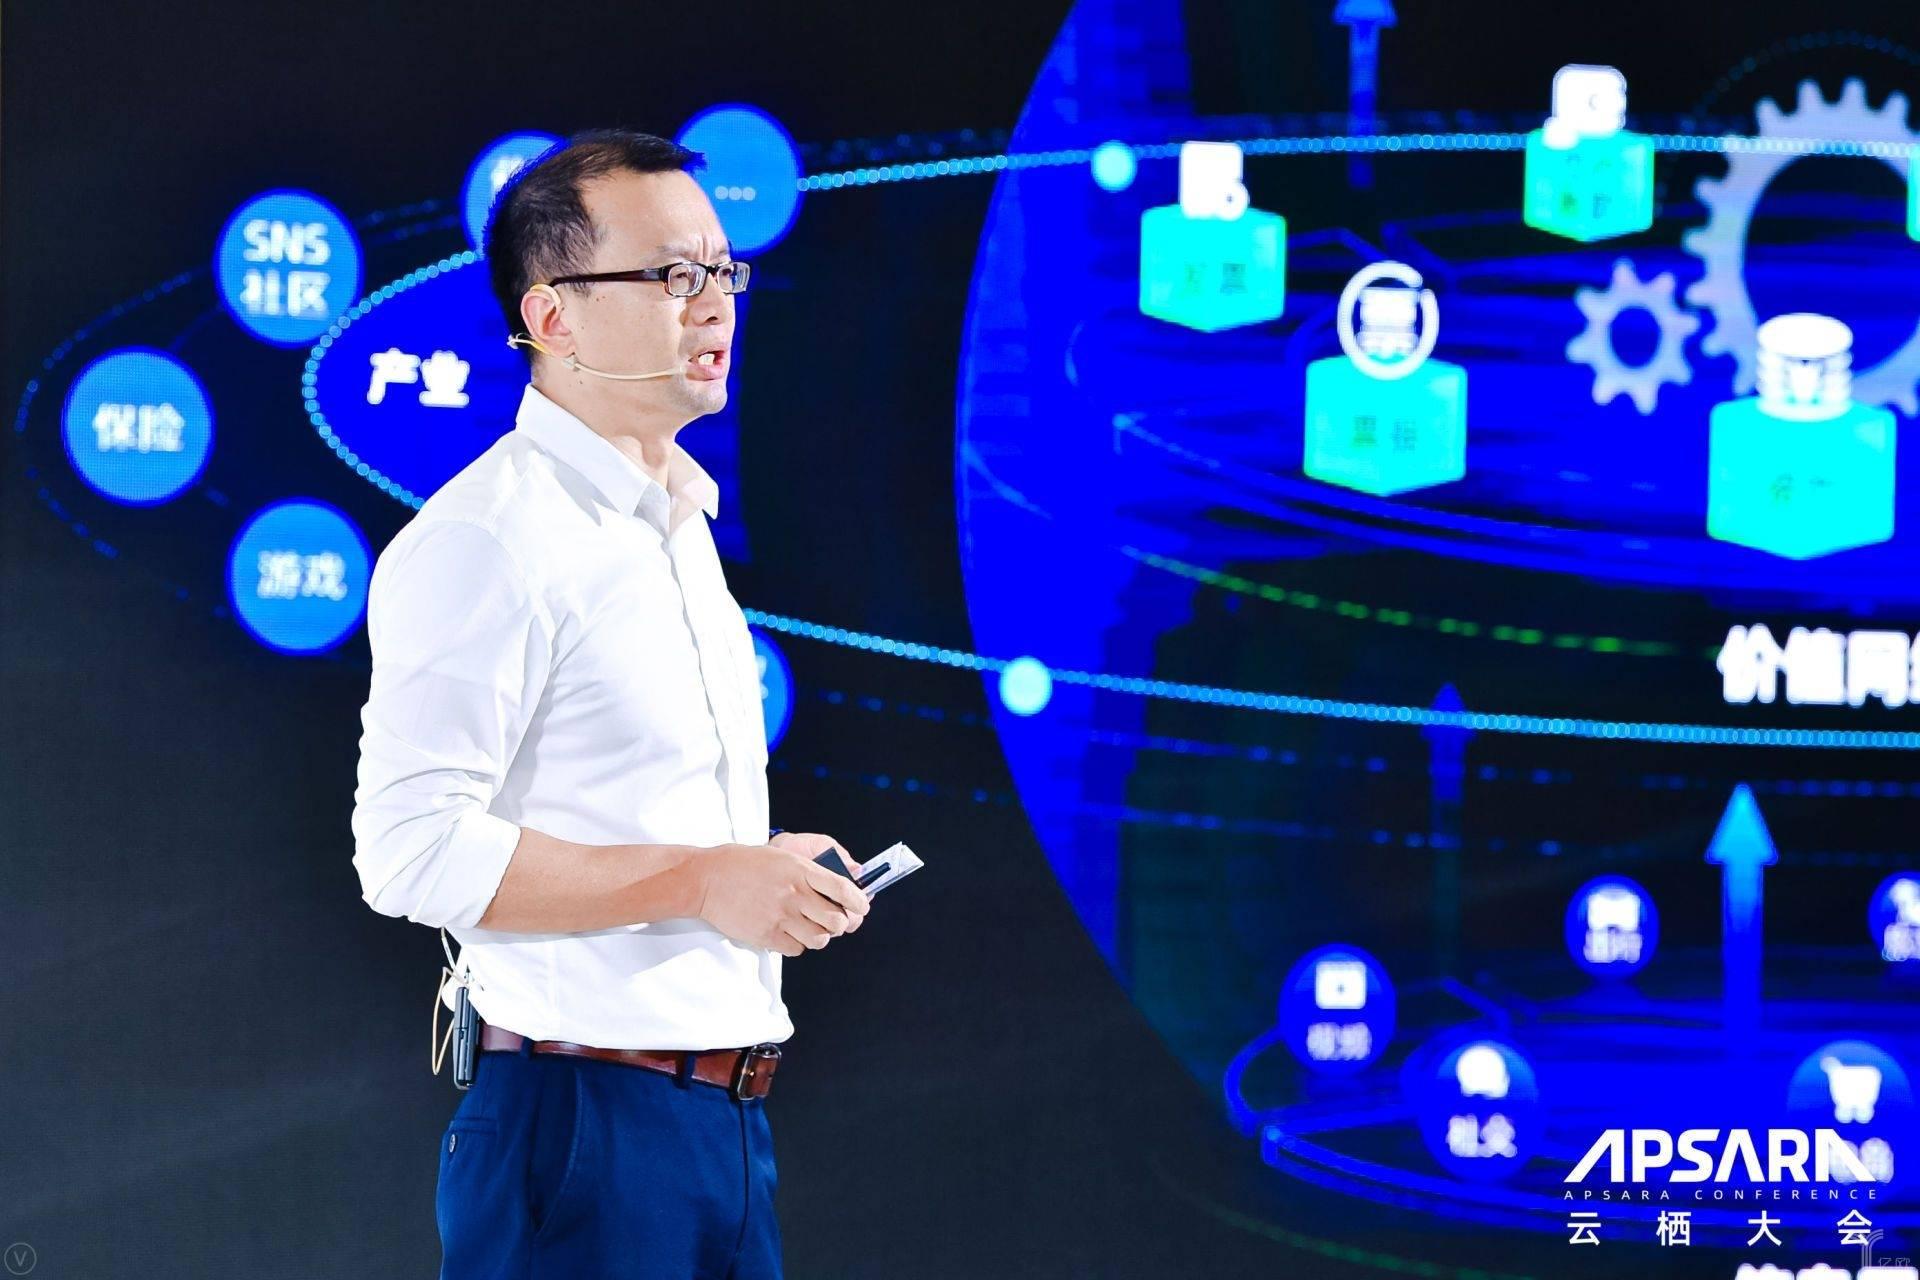 蚂蚁金服副总裁兼智能科技事业群总裁蒋国飞